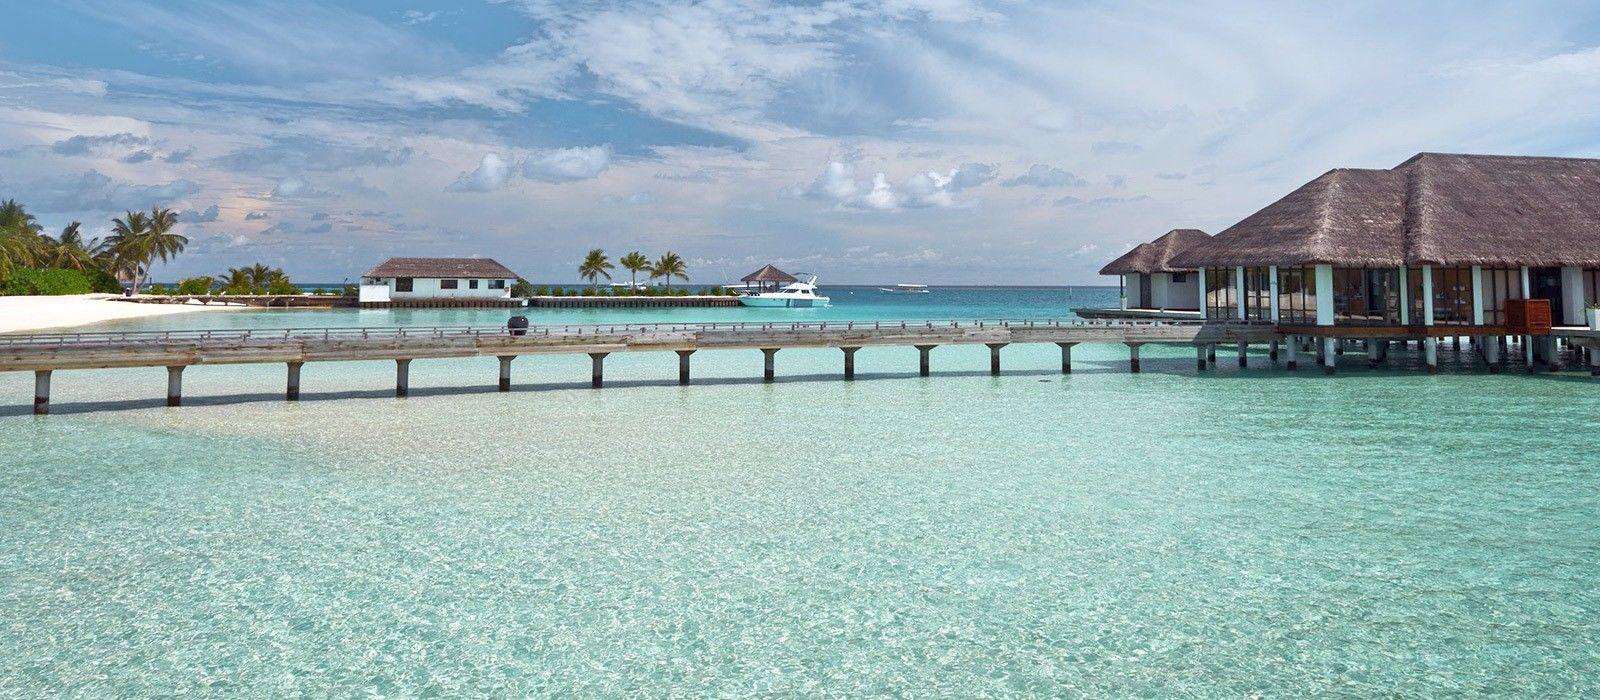 Traumhafte Malediven & einmaliges Sri Lanka Urlaub 5